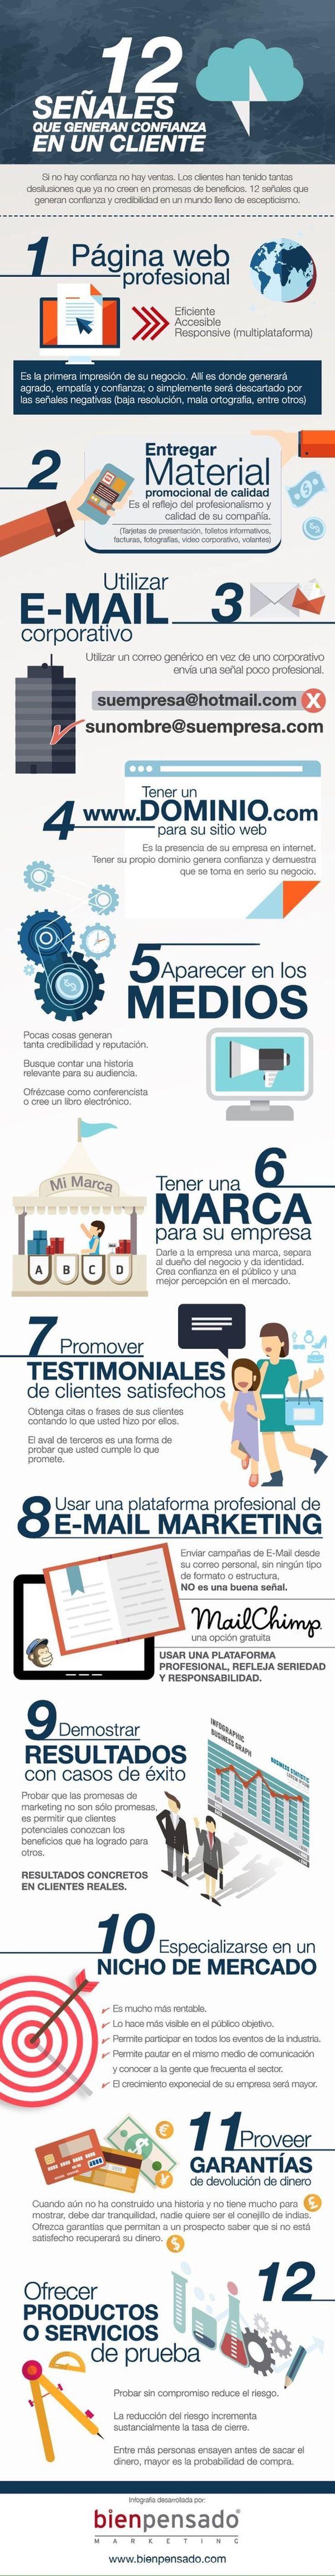 Señales que generan confianza a los clientes - http://conecta2.cat/senales-que-generan-confianza-a-los-clientes/ @Conecta2cat